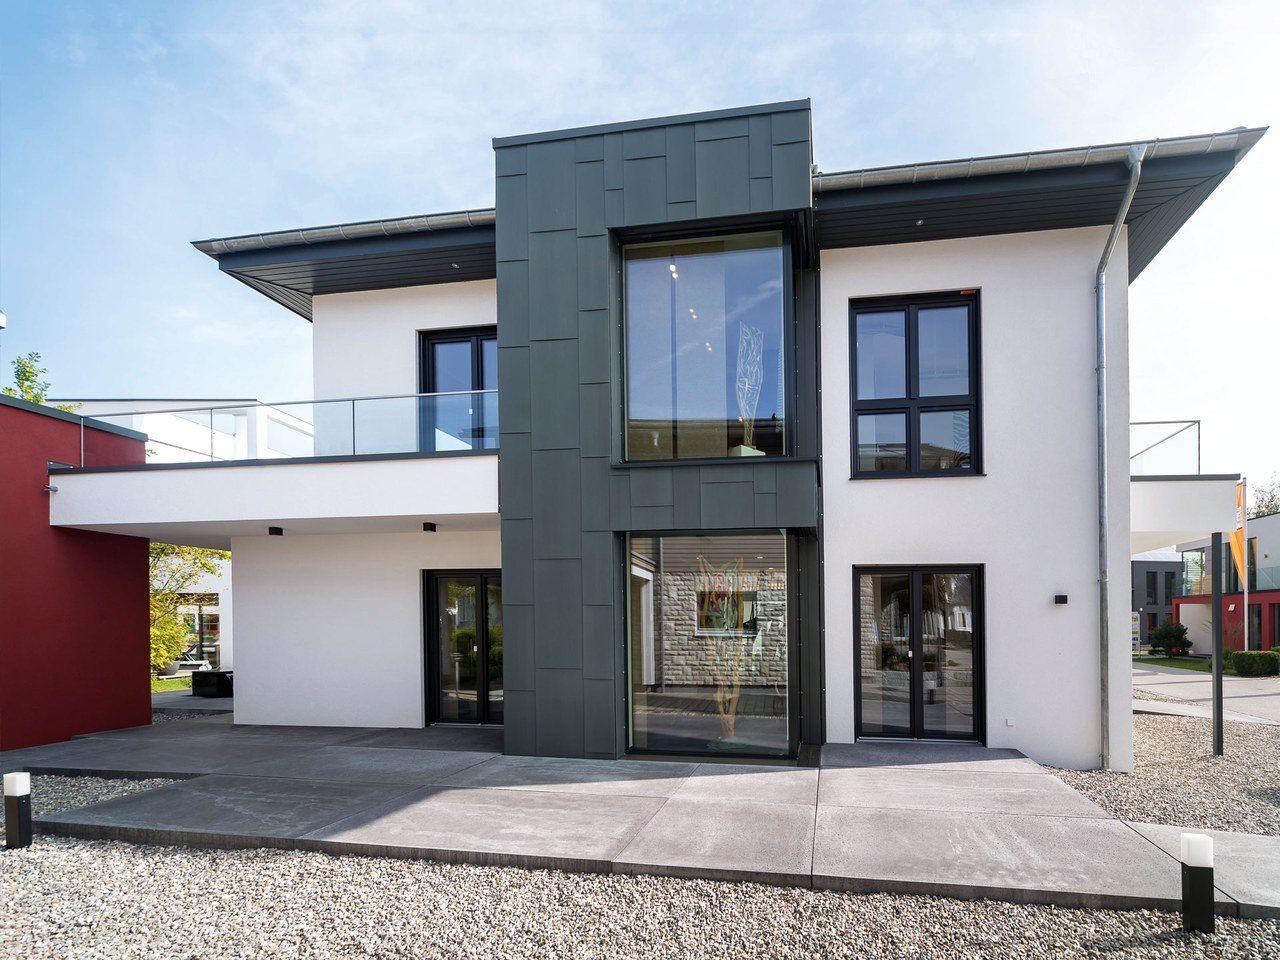 Musterhaus modern walmdach  17 besten Stadtvilla Bilder auf Pinterest | Stadtvilla ...